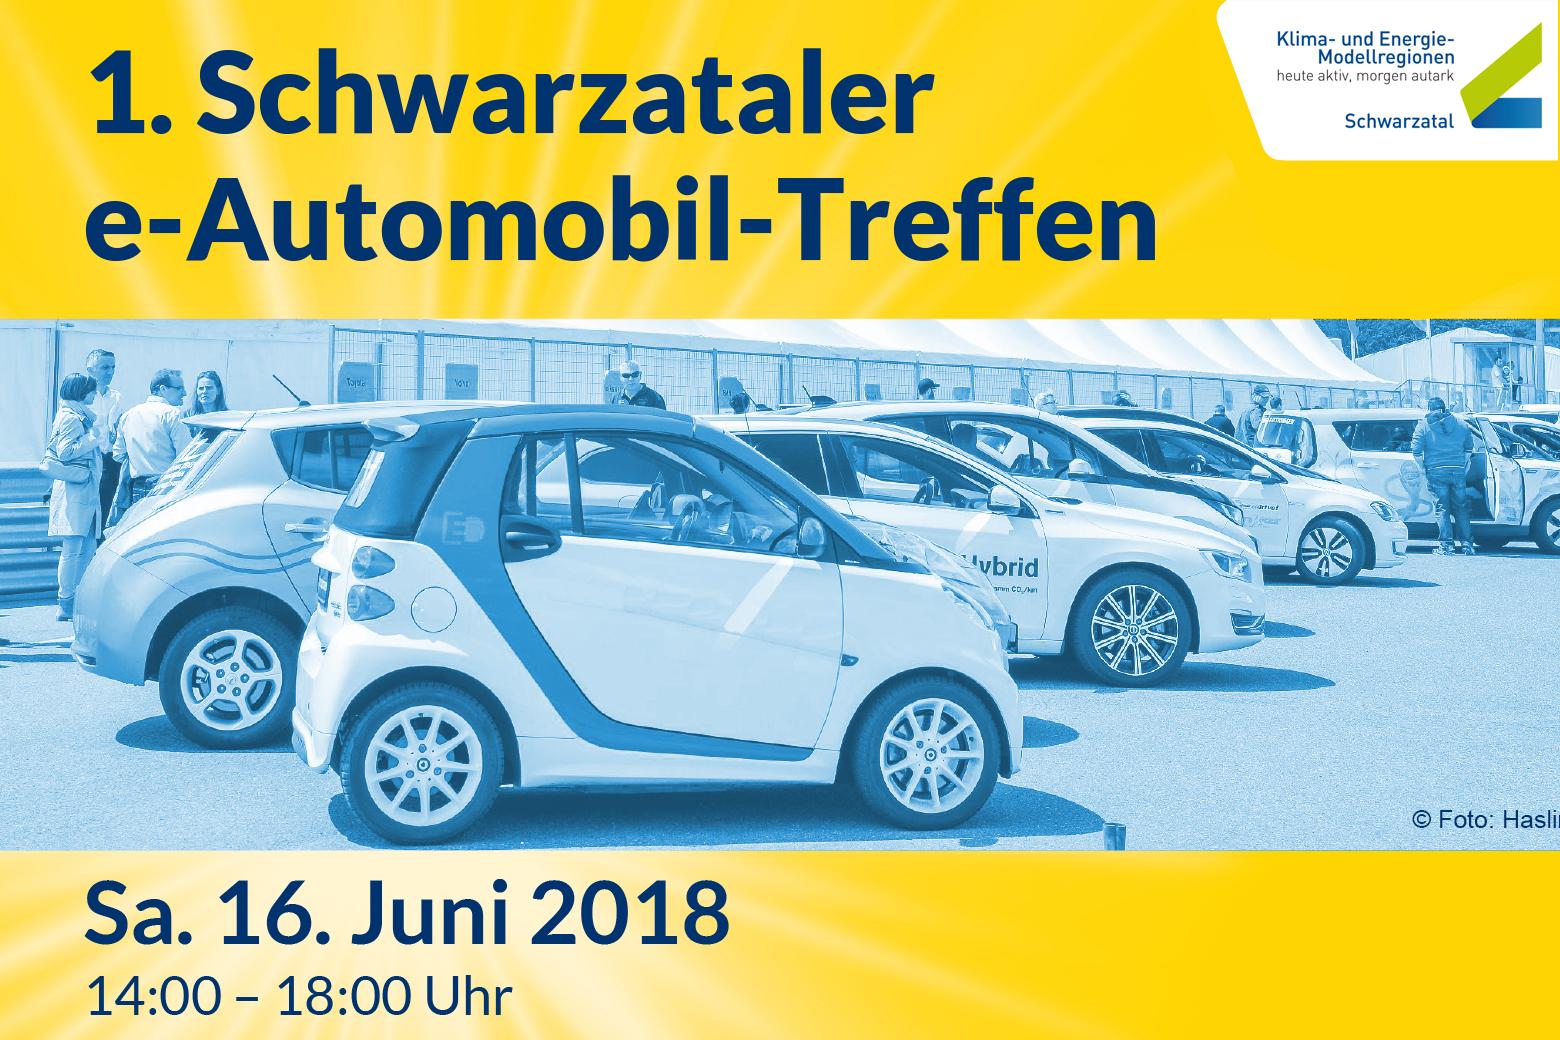 1. Schwarzataler e-Automobil-Treffen